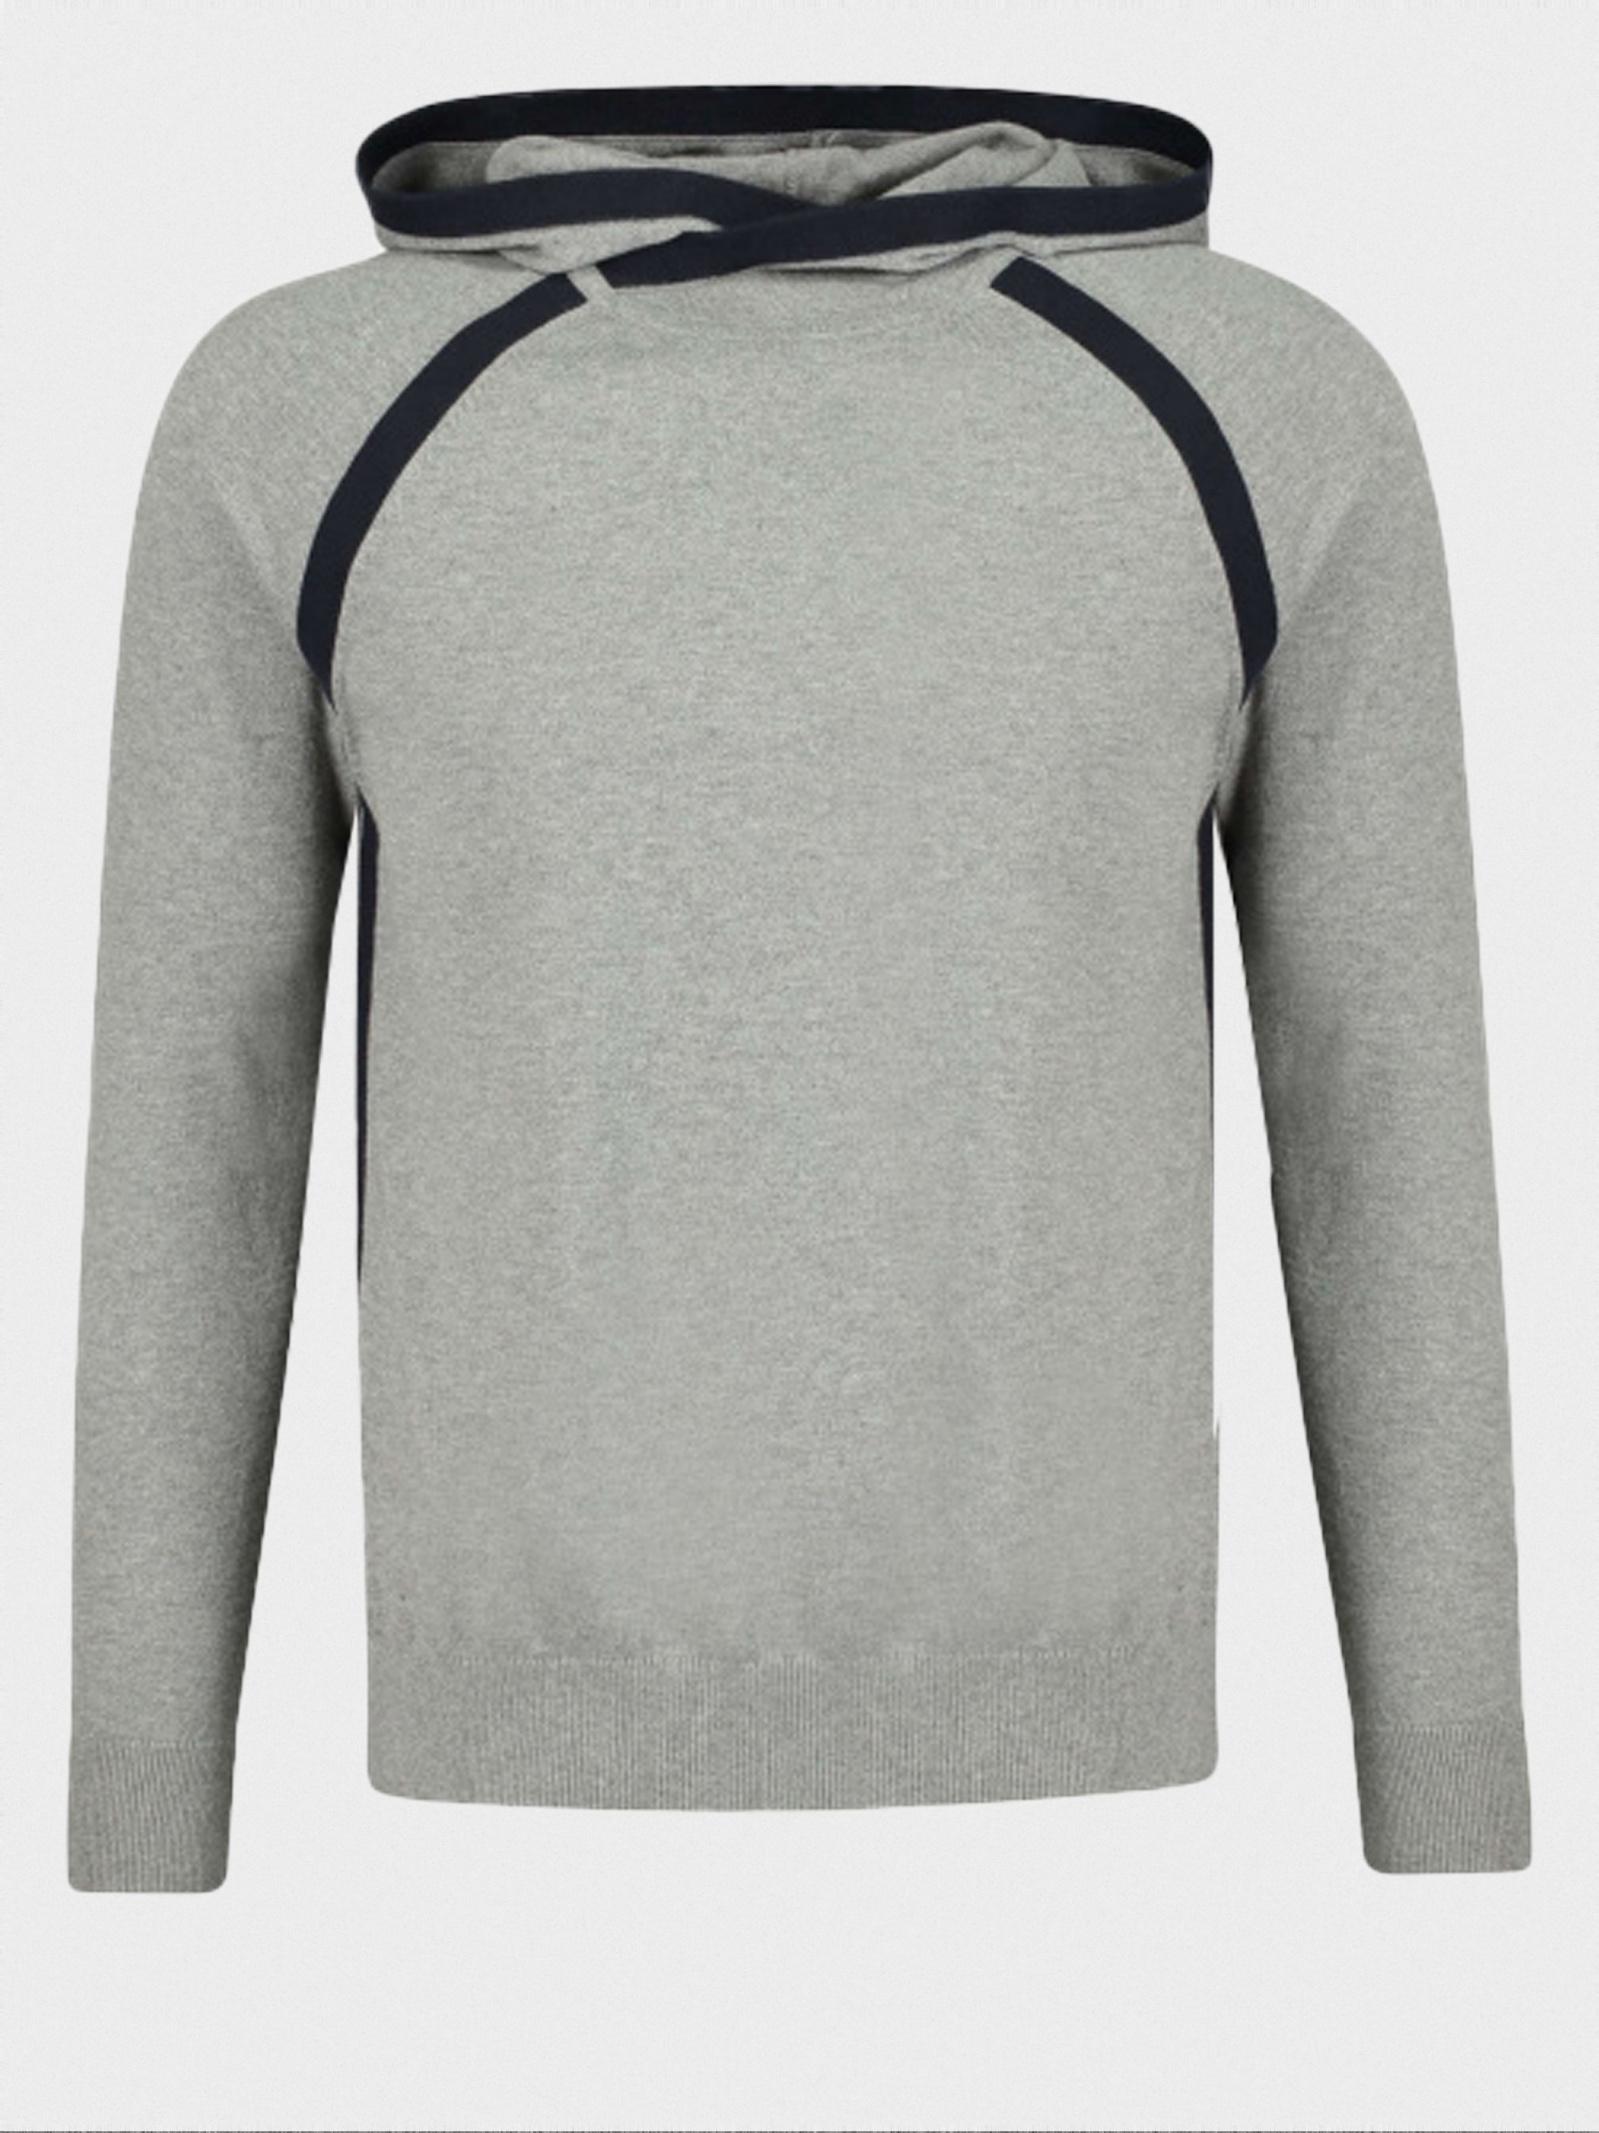 Кофты и свитера мужские MARC O'POLO модель 828504860492-936 купить, 2017